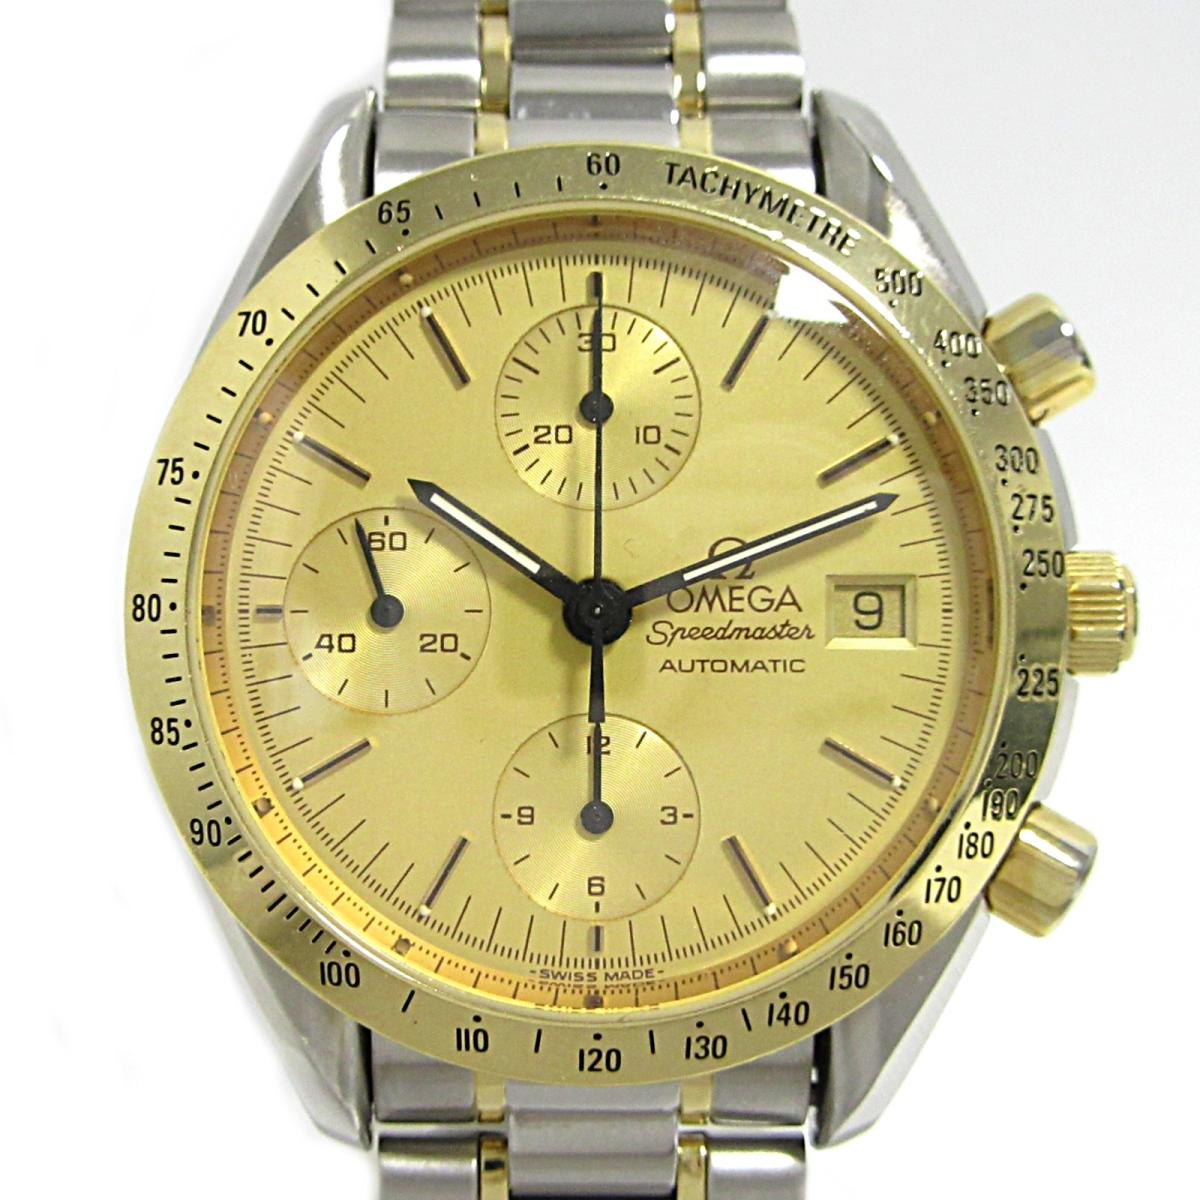 【中古】 オメガ スピードマスター デイト 腕時計 メンズ レディース ステンレススチール (SS) K18 (750)イエローゴールド (3712.10.01) | OMEGA BRANDOFF ブランドオフ ブランド ブランド時計 ブランド腕時計 時計